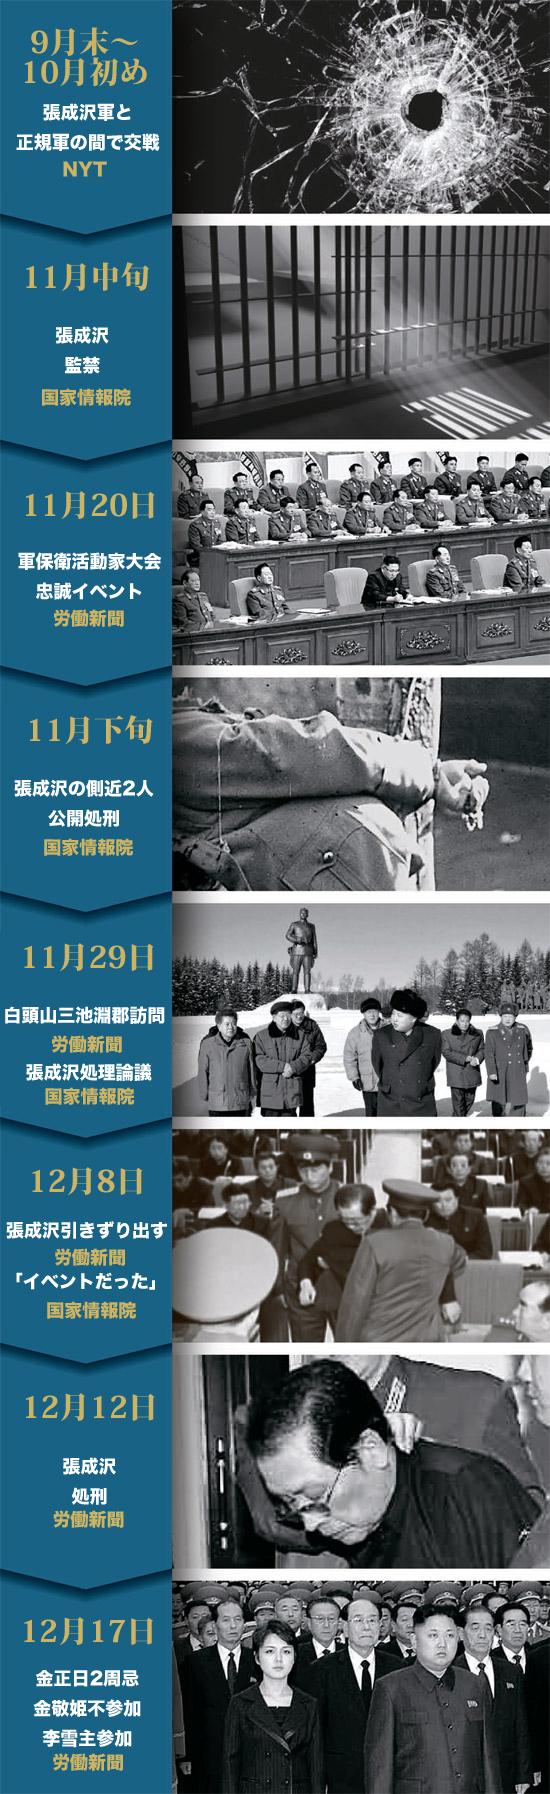 張成沢処刑前後の北朝鮮の動き。